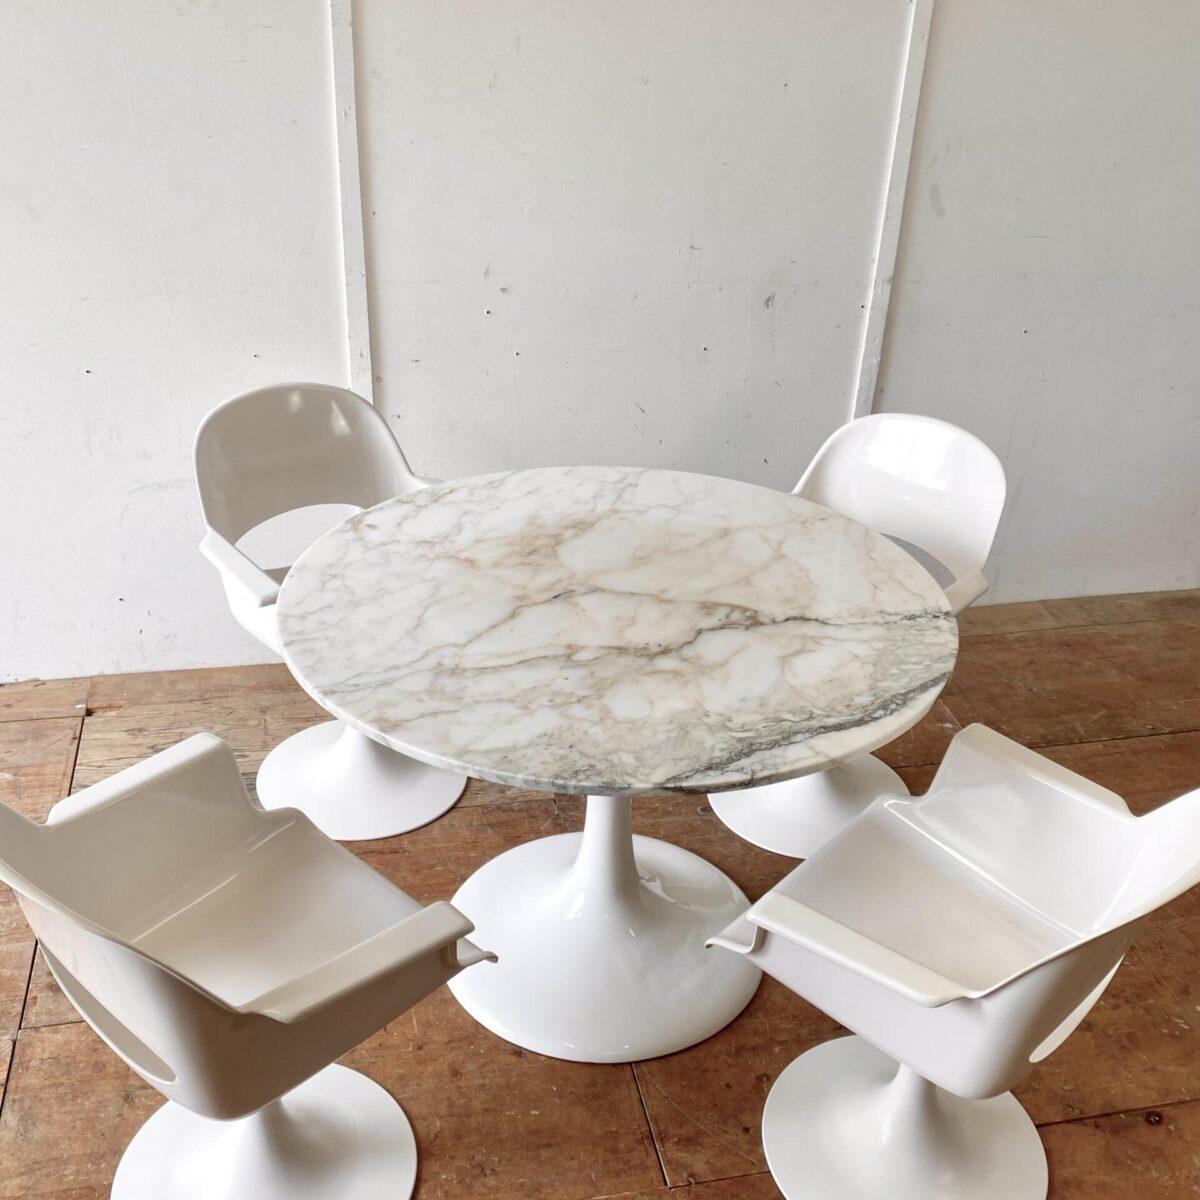 Deuxieme.shop midcentury eero saarinen Marmor Tisch. Space age Schalensitz Stühle mit Tulpenfuss aus den 70er Jahren. Preis fürs 4er Set. Die Stühle sind drehbar, und wurden in Deutschland von der Firma Kurz hergestellt. Eine Rückenlehne hat einen kleinen Riss scheint aber stabil zu sein, ansonsten in gutem allgemein Zustand. Der runde Marmor Tisch mit Tulip Fuss ist ebenfalls verfügbar. Preis: 1100.- Durchmesser 110cm Höhe 73.5cm. Ein Hersteller ist uns nicht bekannt. Der Tulpenfuss ist Emailliert und recht schwer, sieht nach Aluminiumguss aus. Die weisse Emaille Oberfläche ist in schönem Zustand.